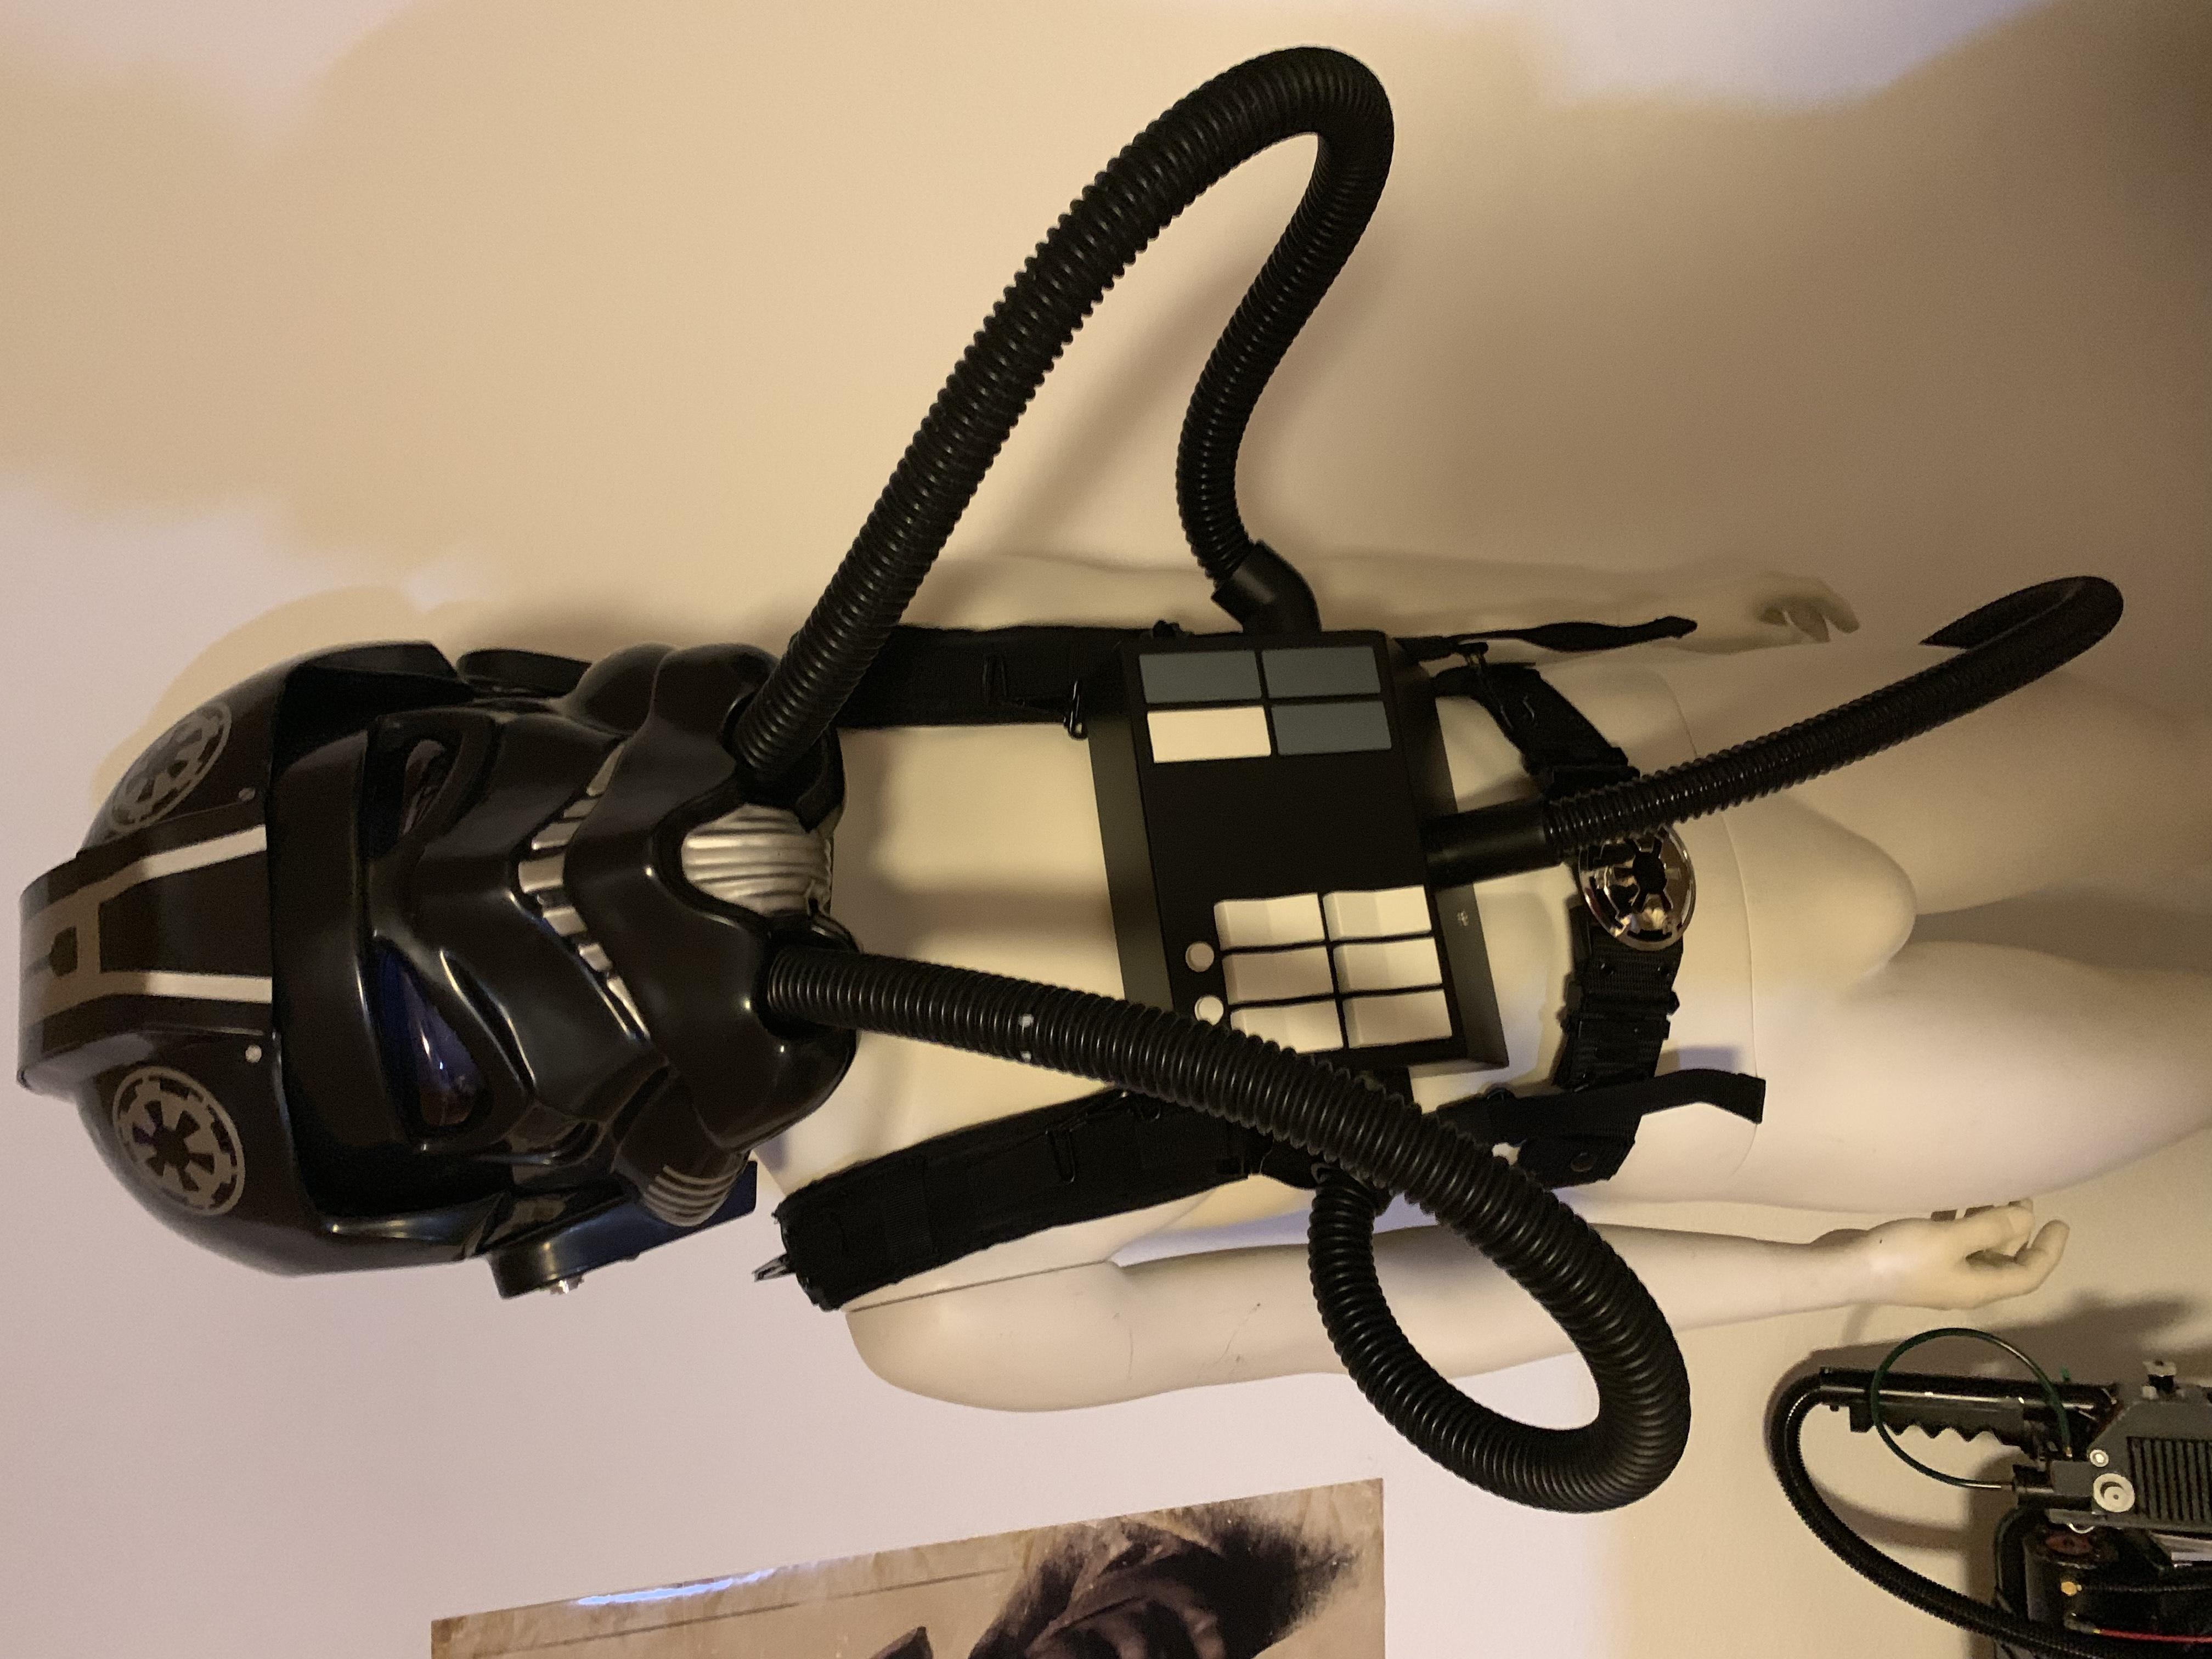 s438647550.online.de/PICS/harness_5.JPG